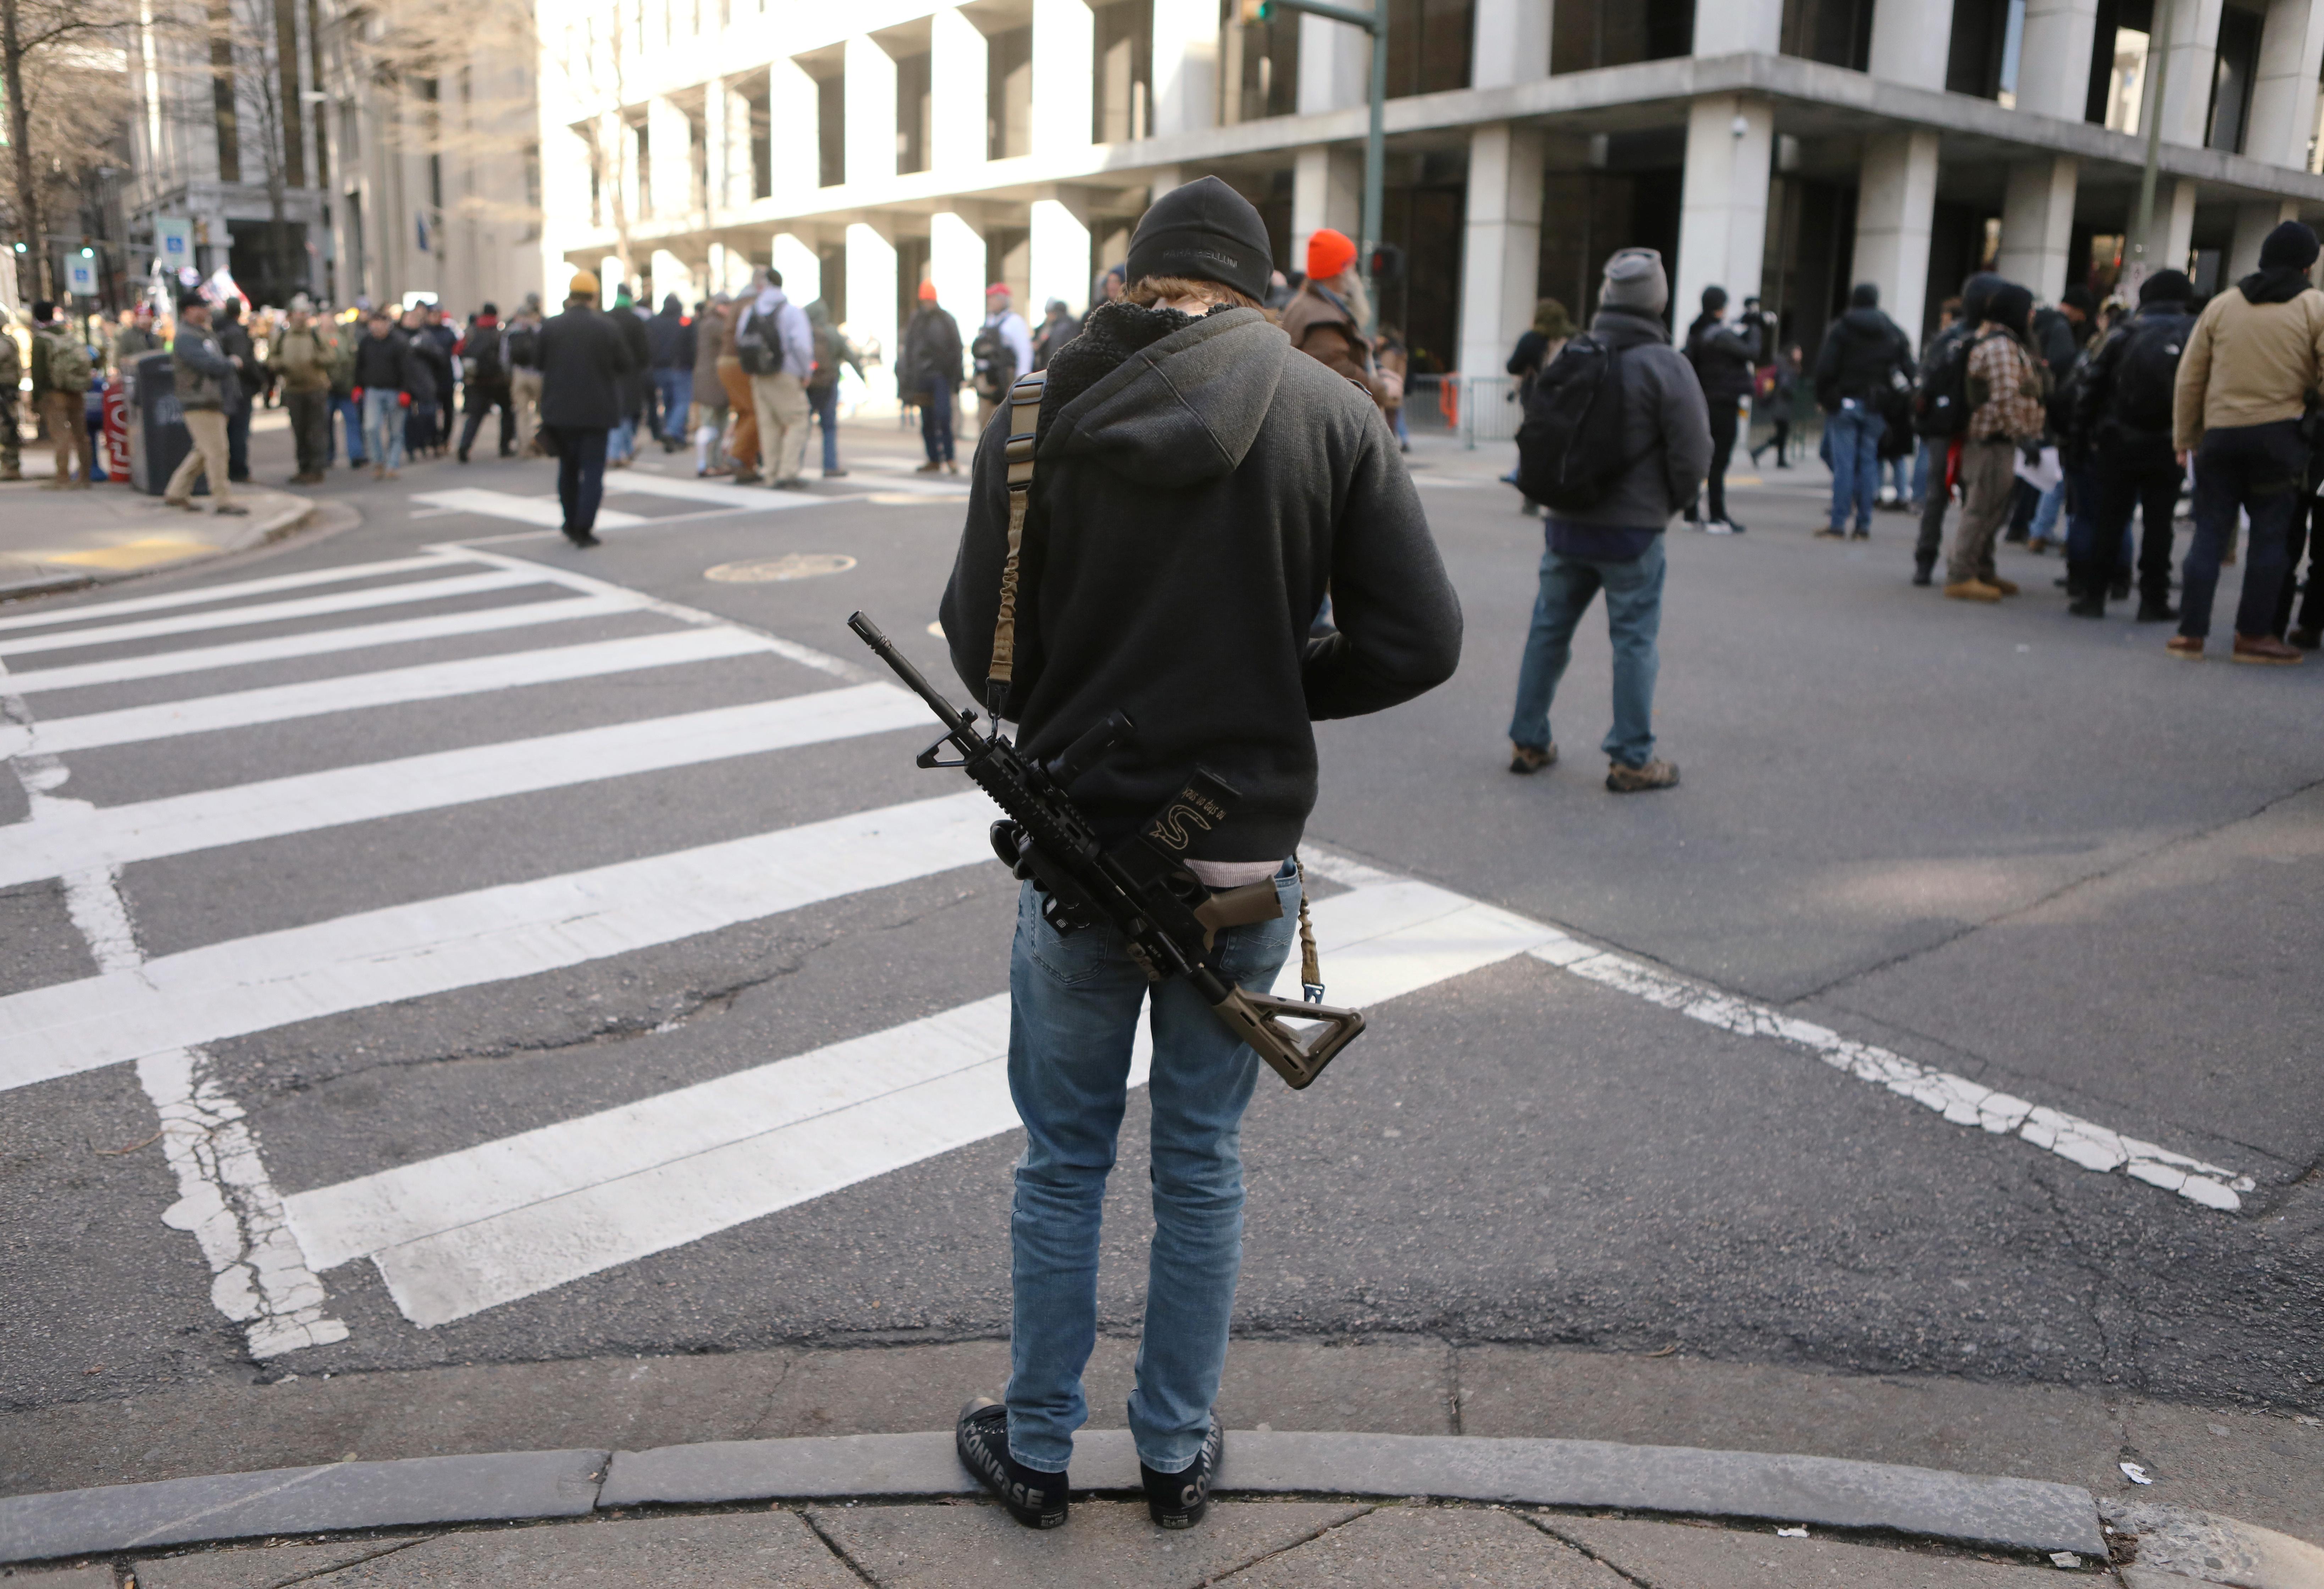 Otro fusil de la familia del AR-15, uno de los más populares en Estados Unidos, cuelga del hombro de un asistente (REUTERS/Jim Urquhart)